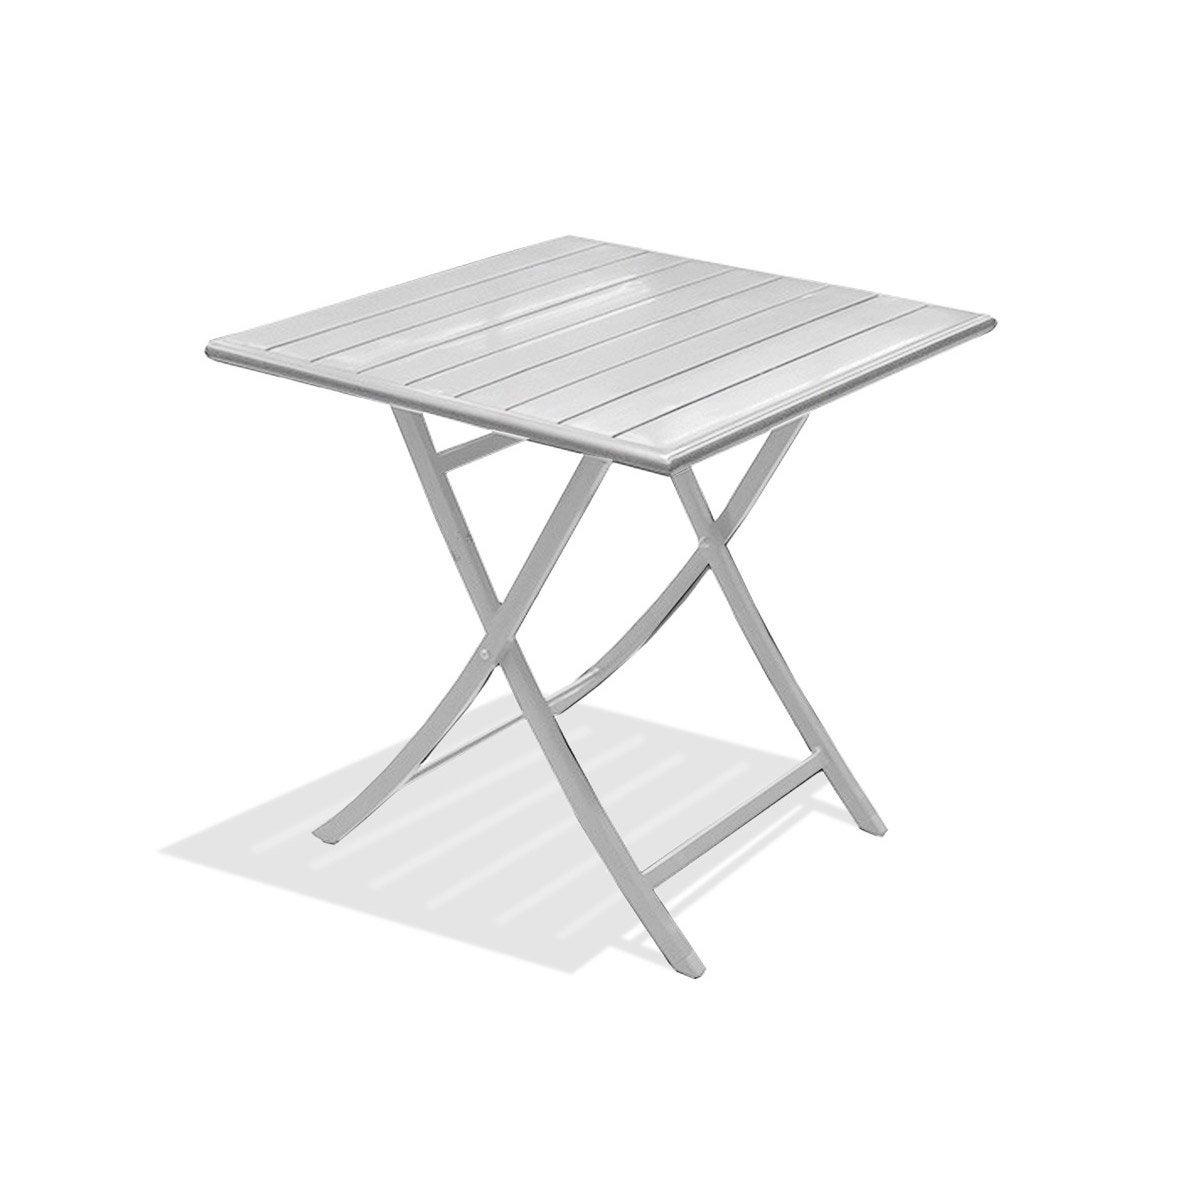 Table de jardin marius carr e gris m tal 2 personnes - Table de jardin aluminium leroy merlin ...